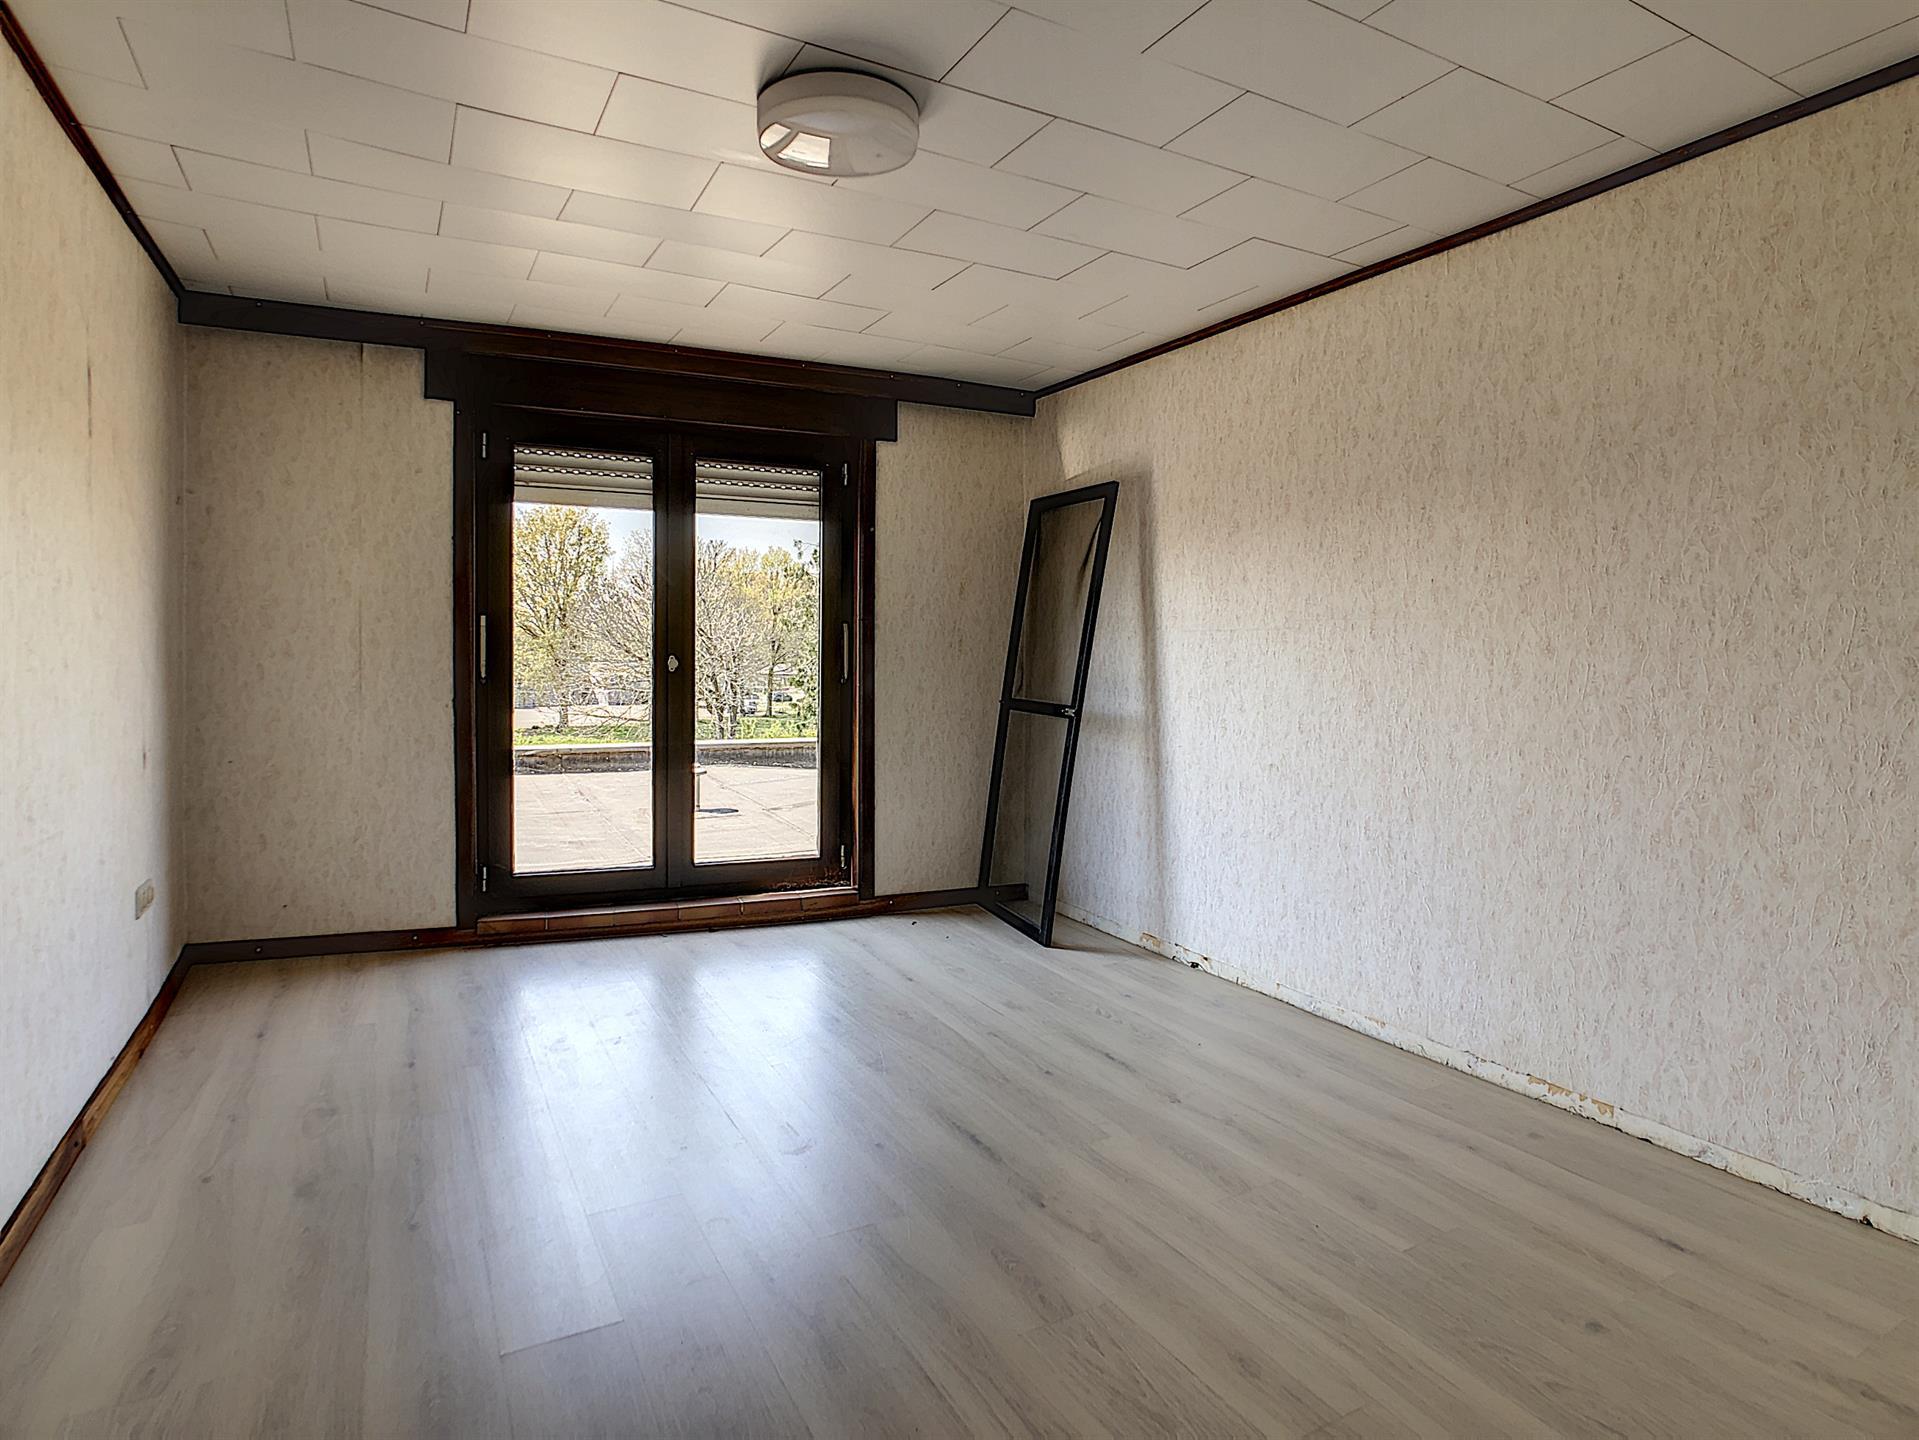 Bel-étage - Beersel - #4346871-1